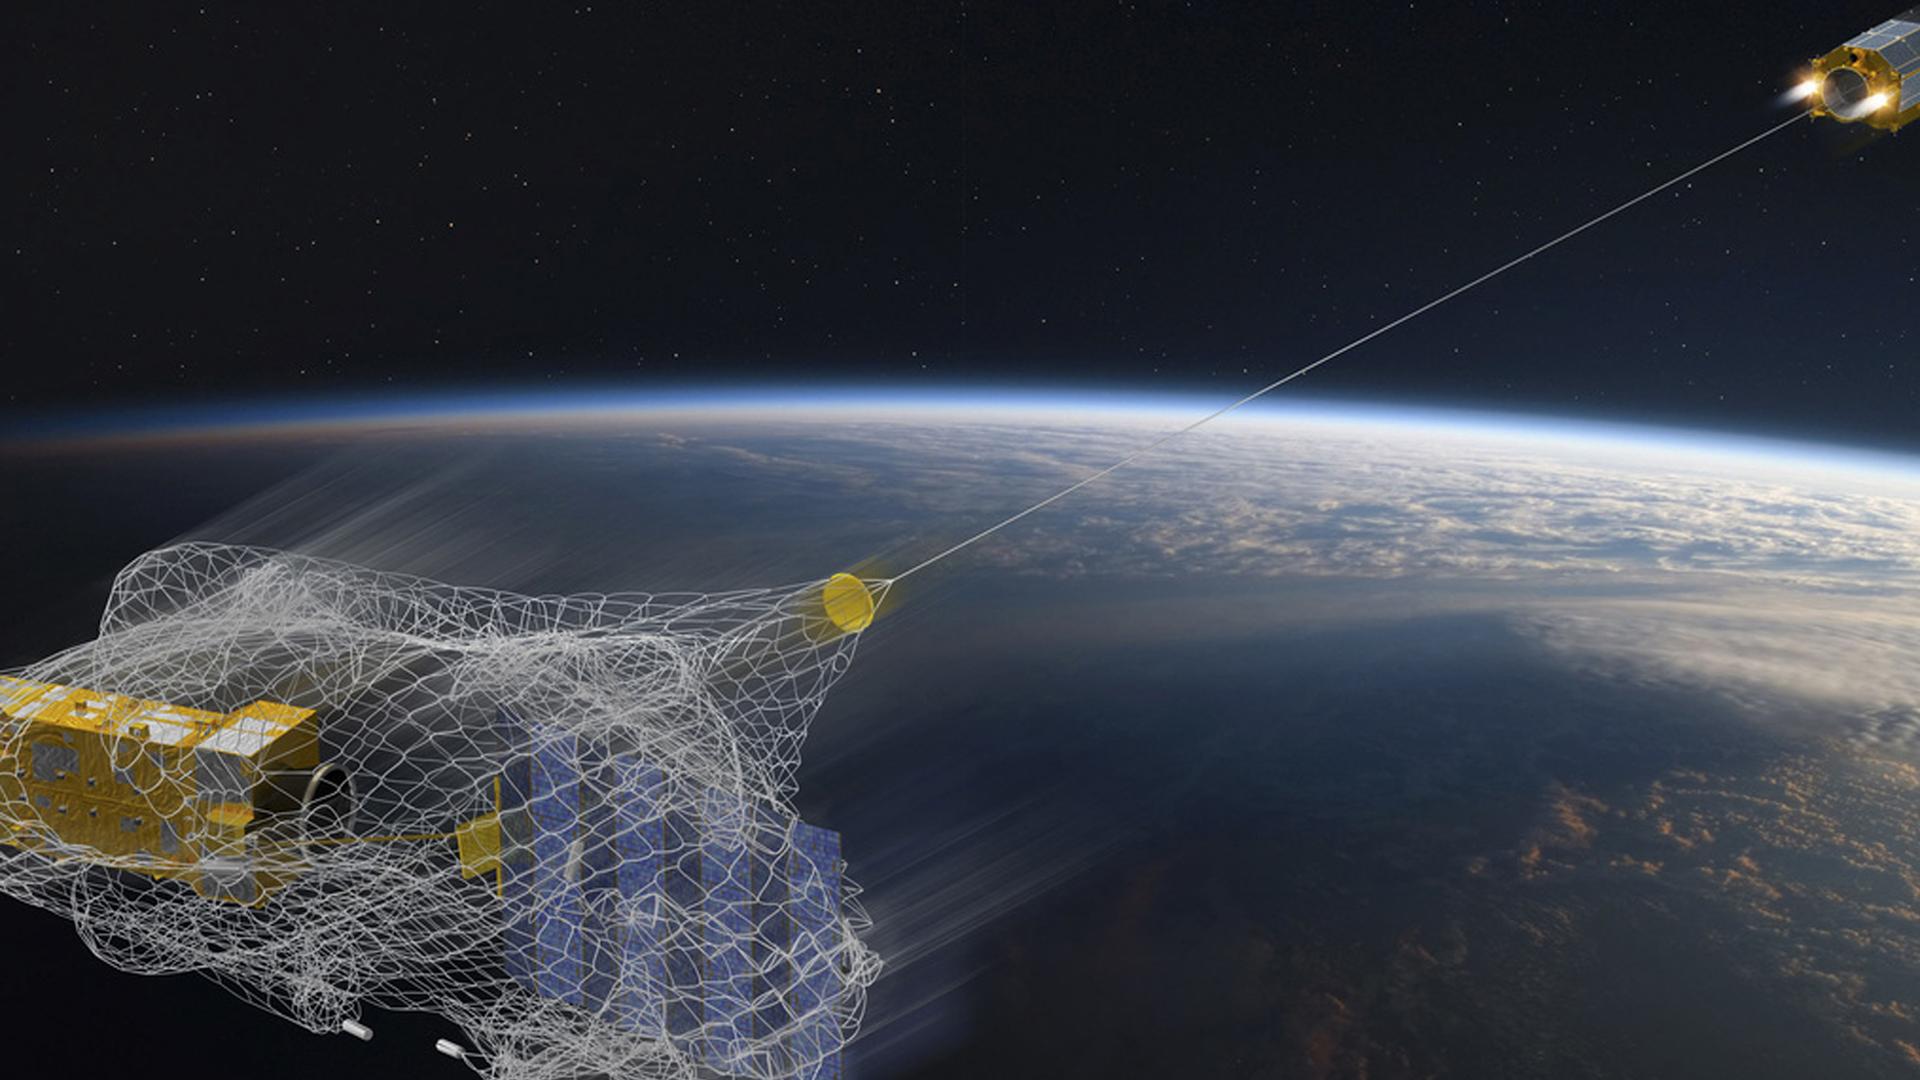 Existen proyectos para recuperar la chatarra espacial y limpiar el espacio